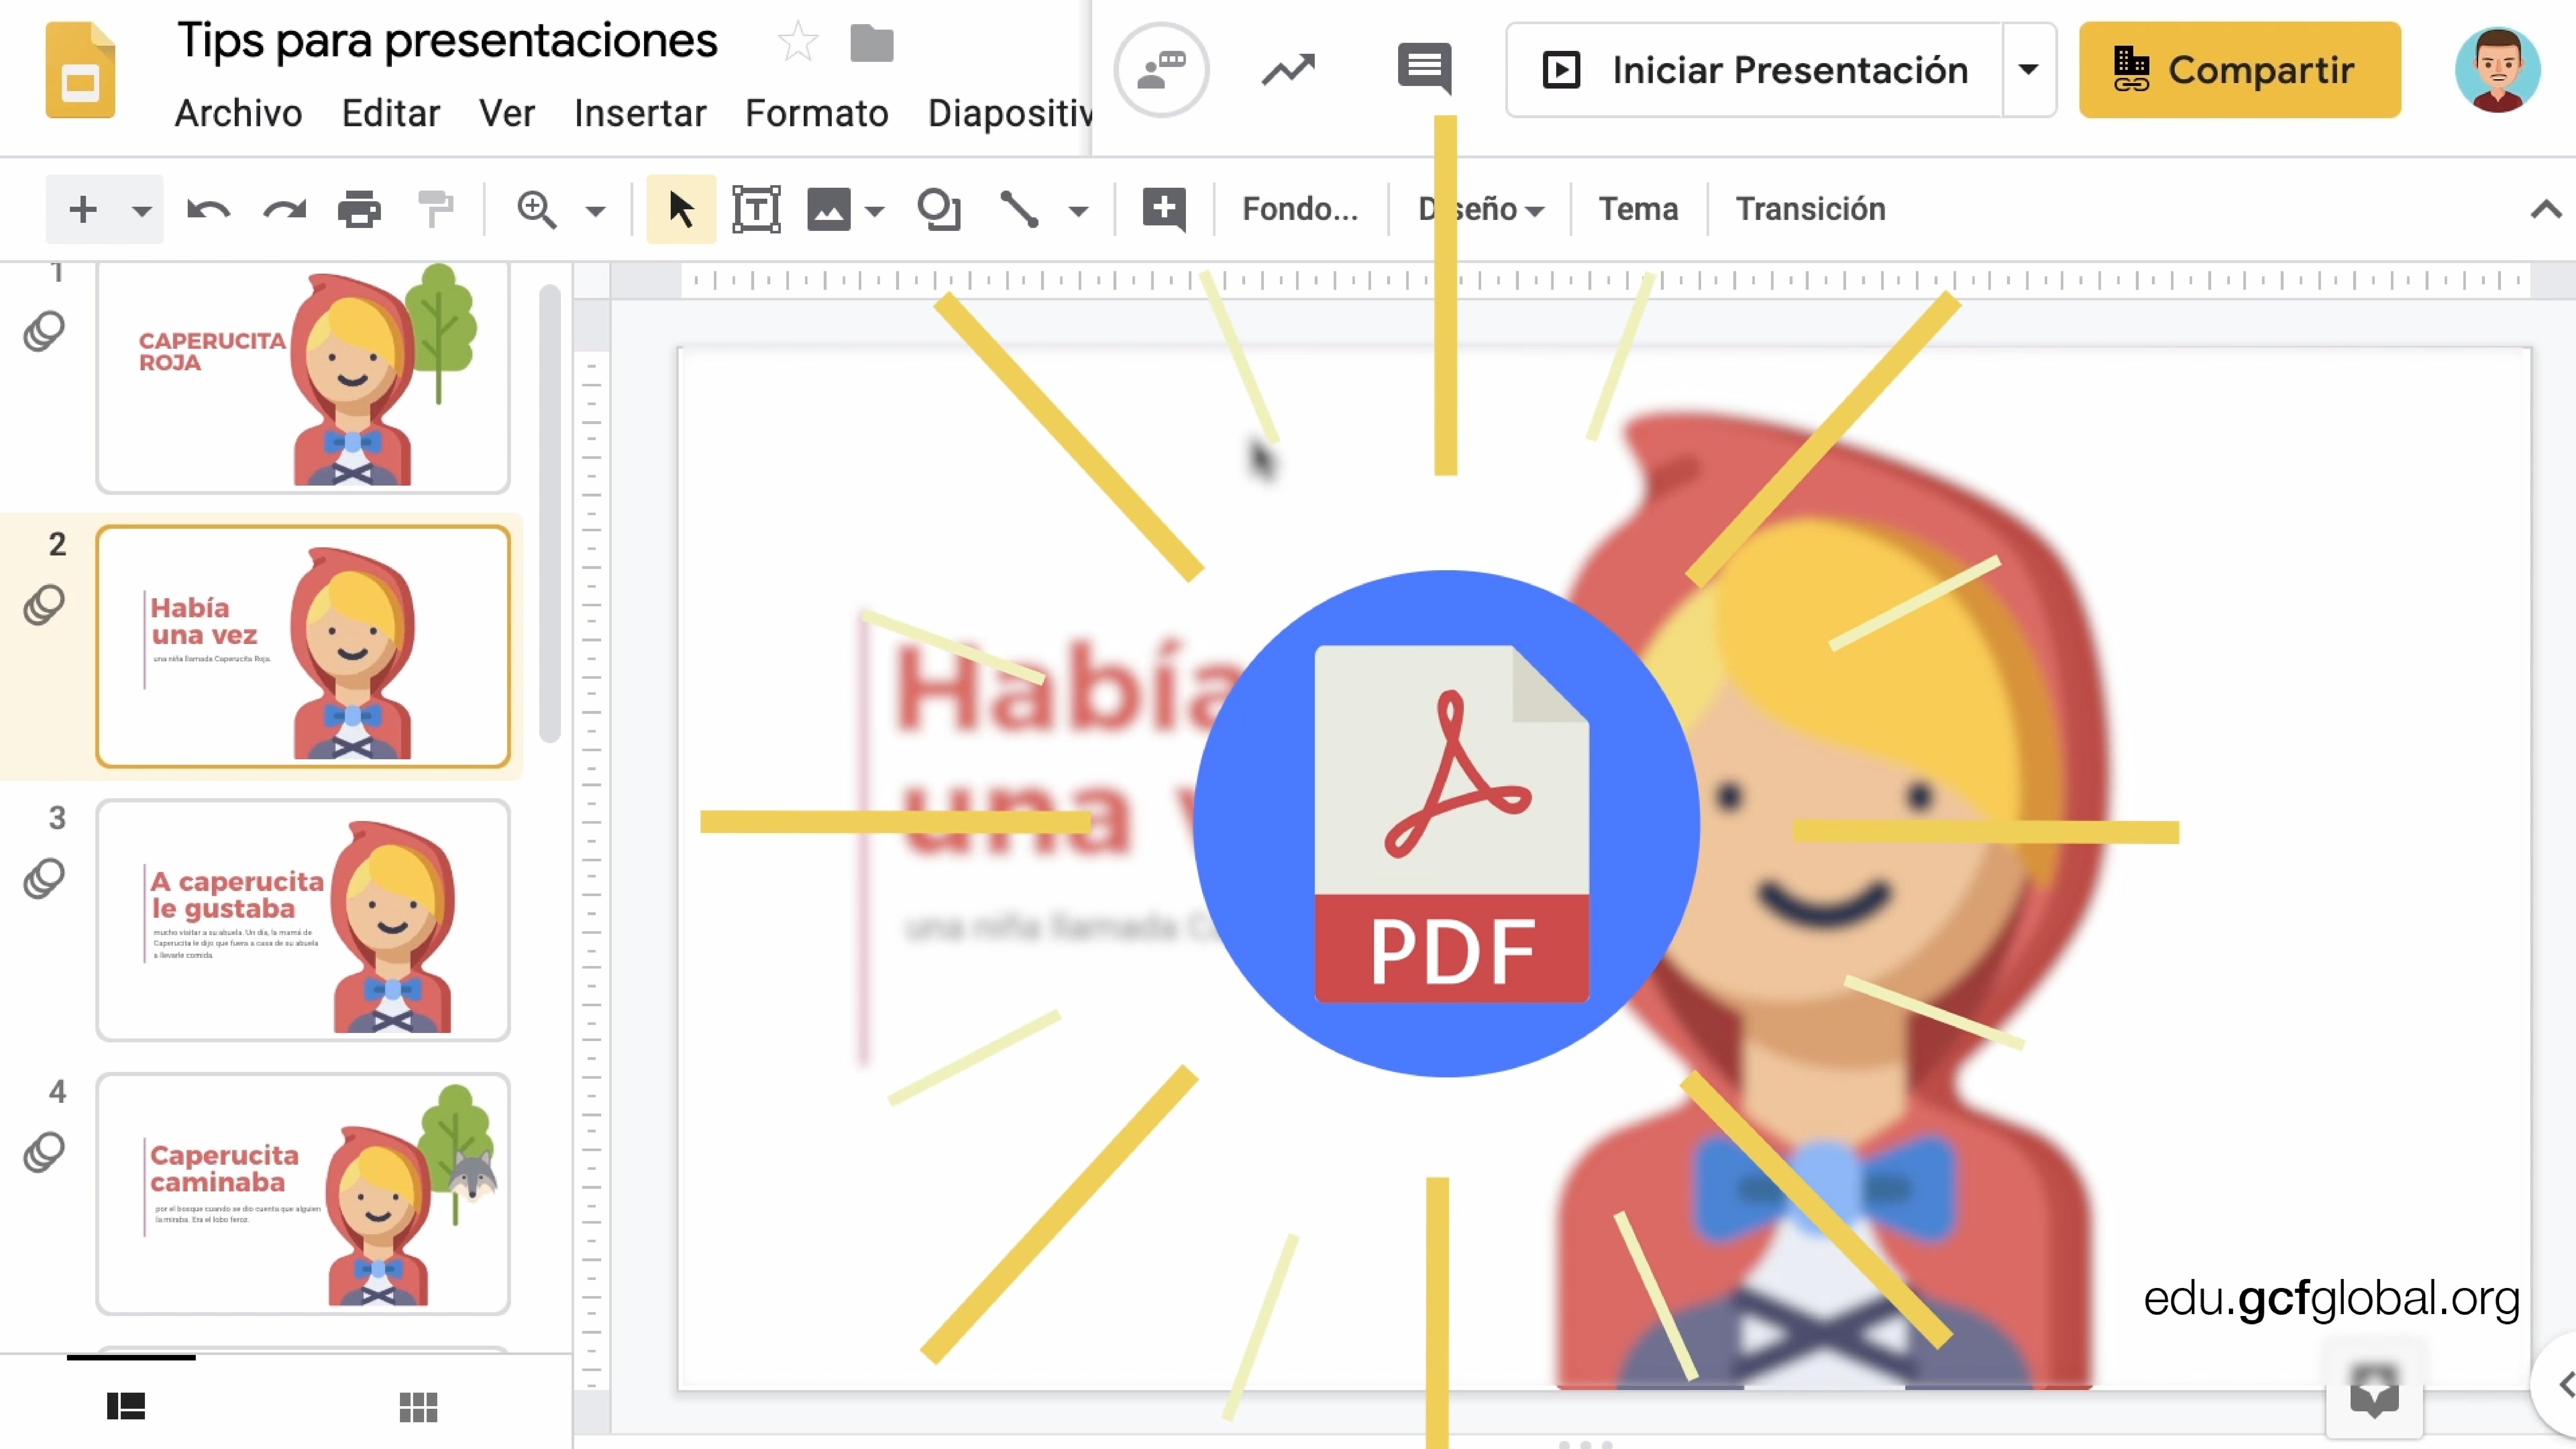 Imagen de diapositiva con el logo del formato PDF encima.